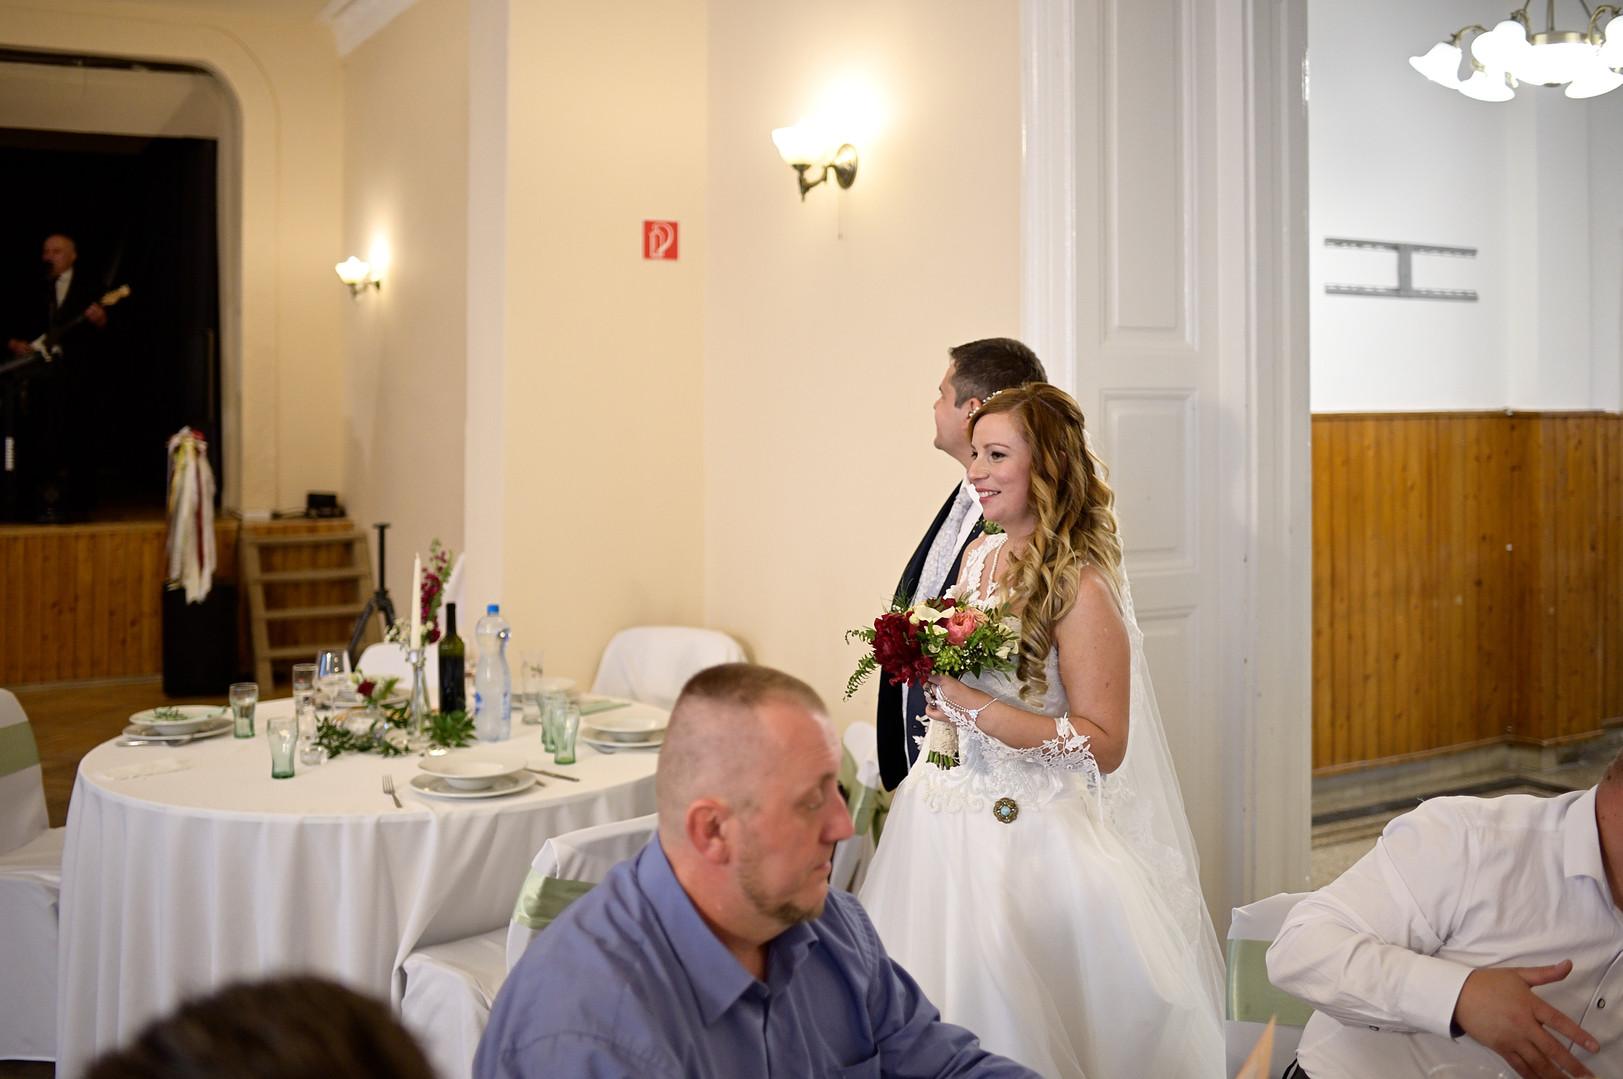 372  Esküvői fotózás - Enikő és Peti Bul